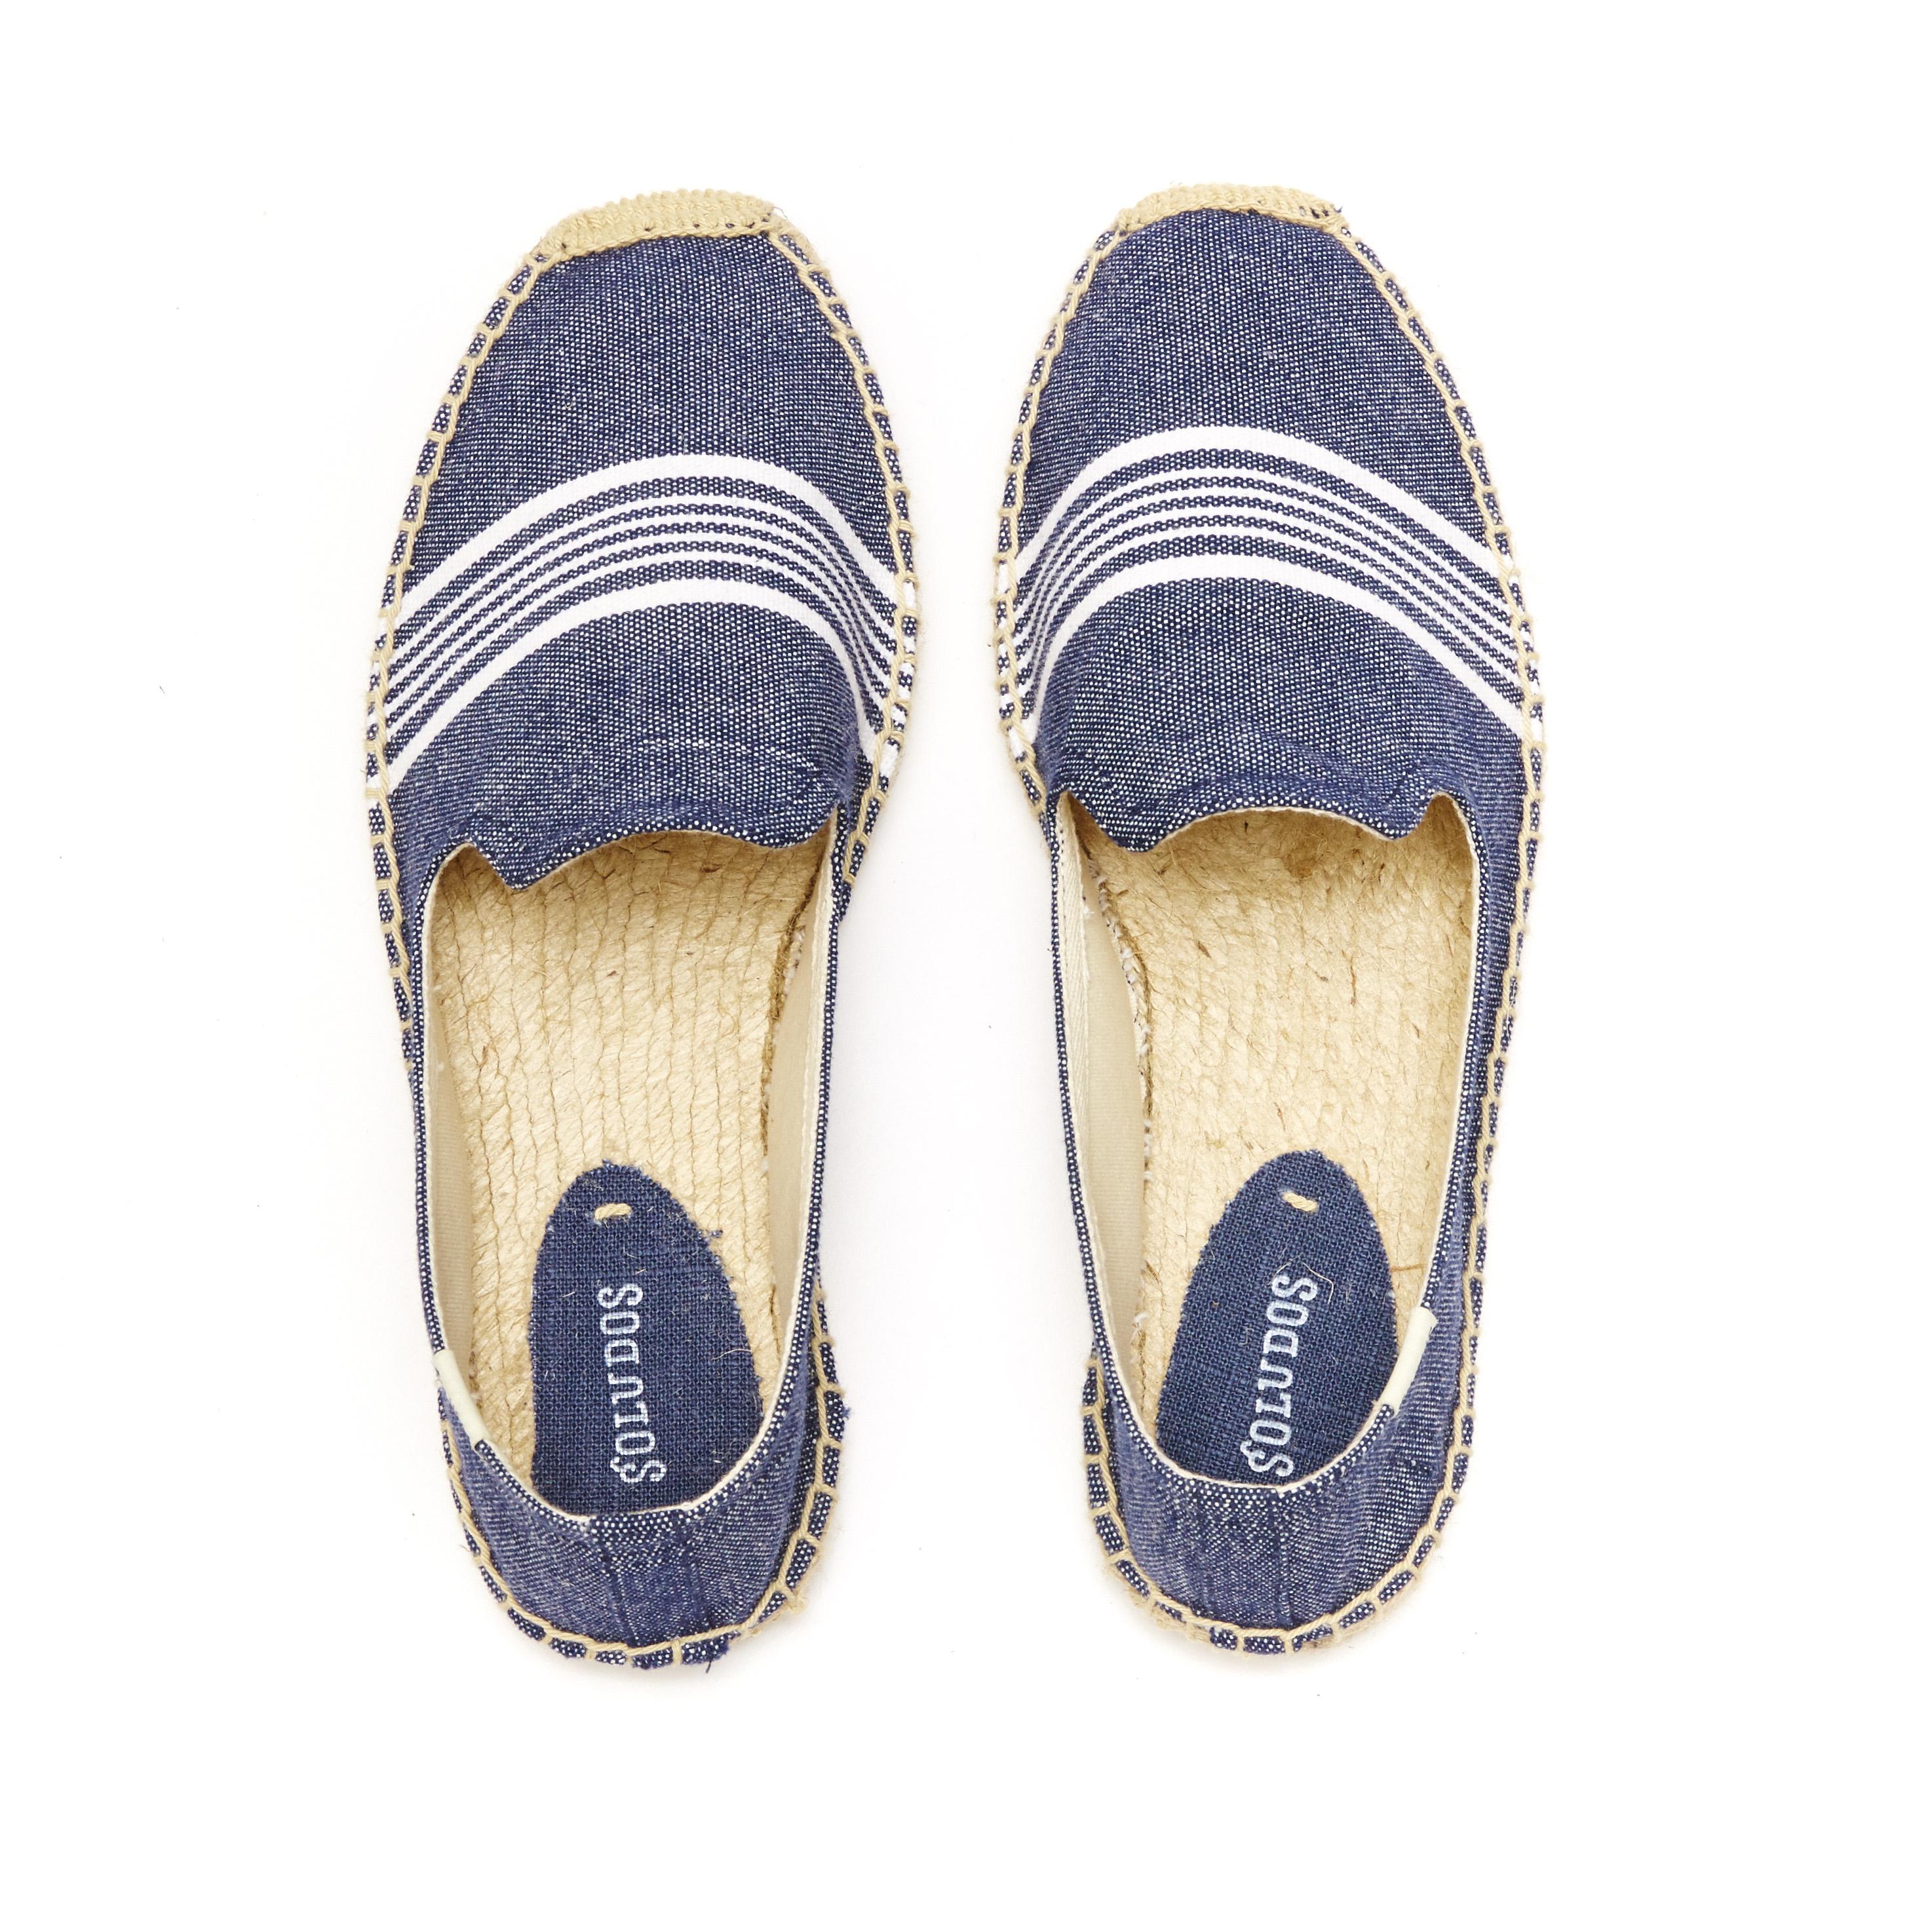 Mens Canvas Shoes Topman